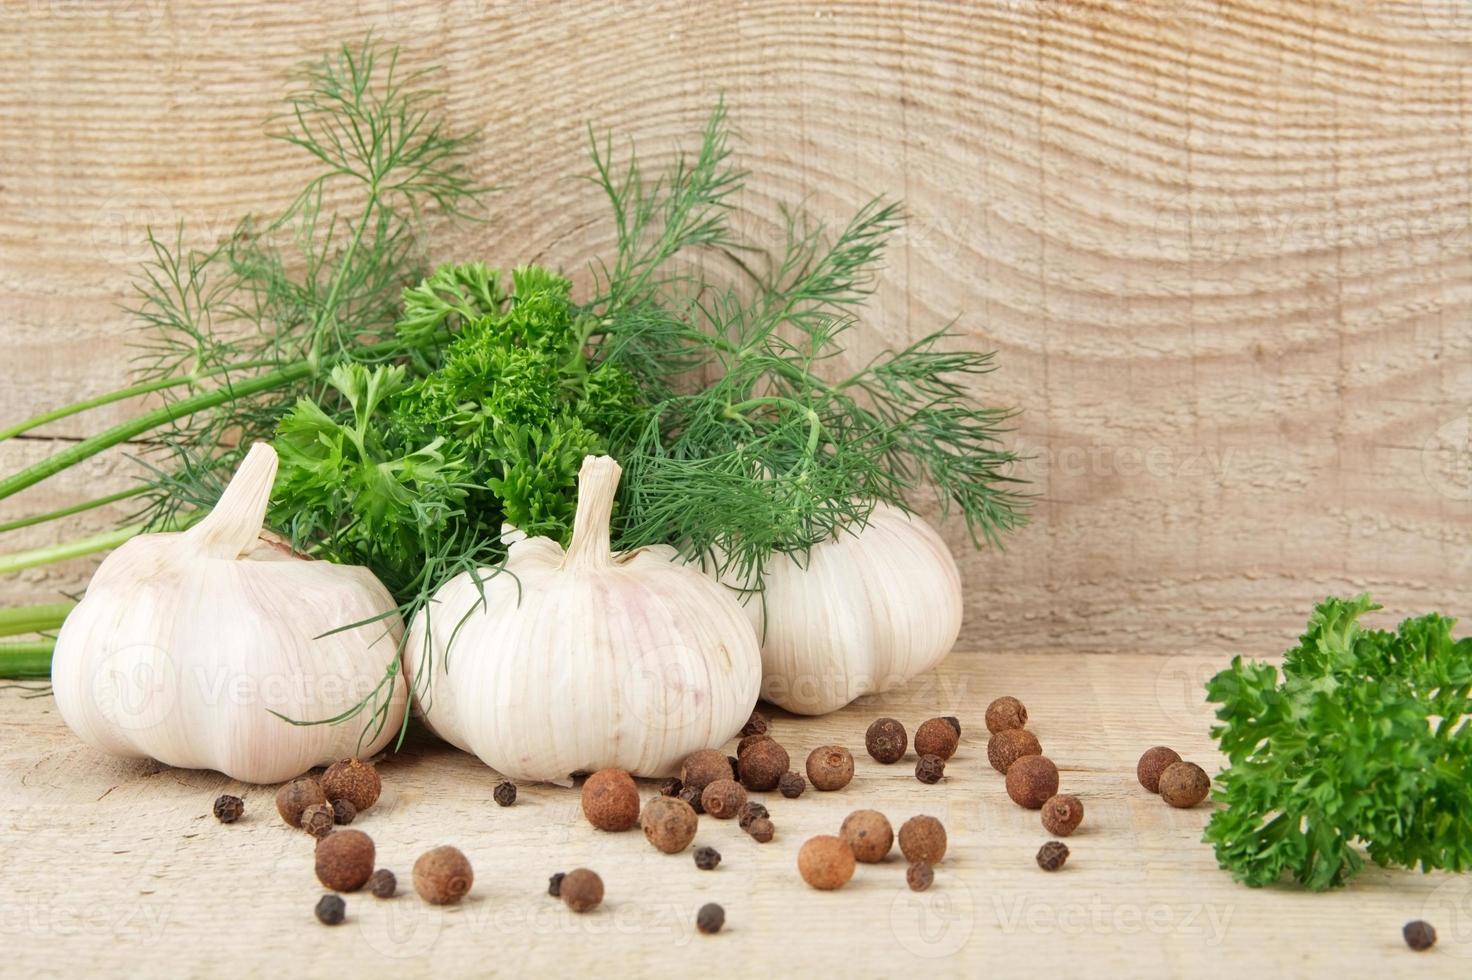 foglie di aneto, aglio, pepe e pimento su fondo di tavolato in legno foto